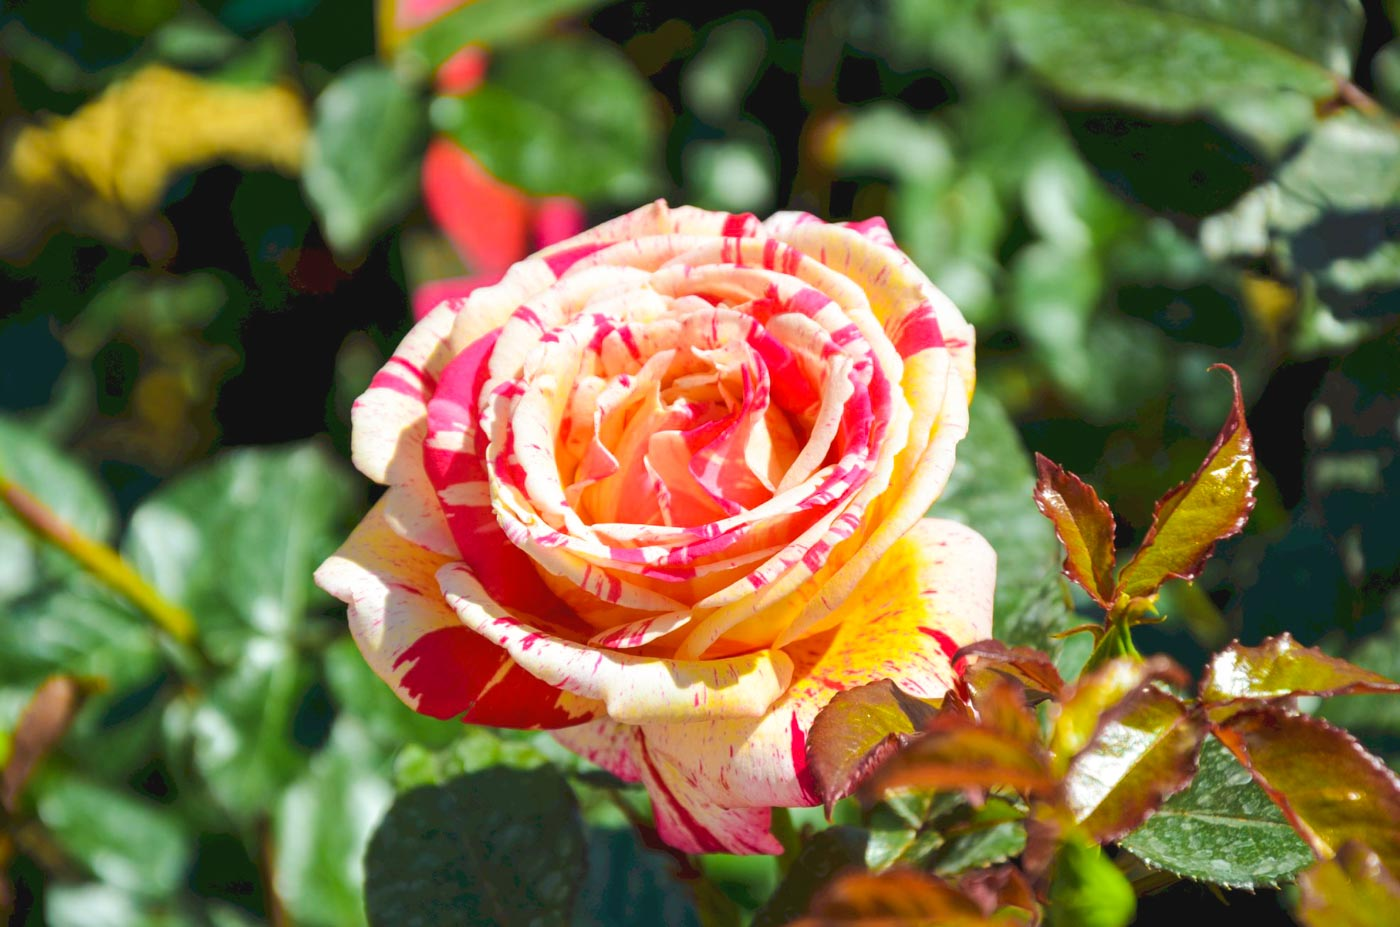 Giardino giapponese di Parigi particolare dei fiori